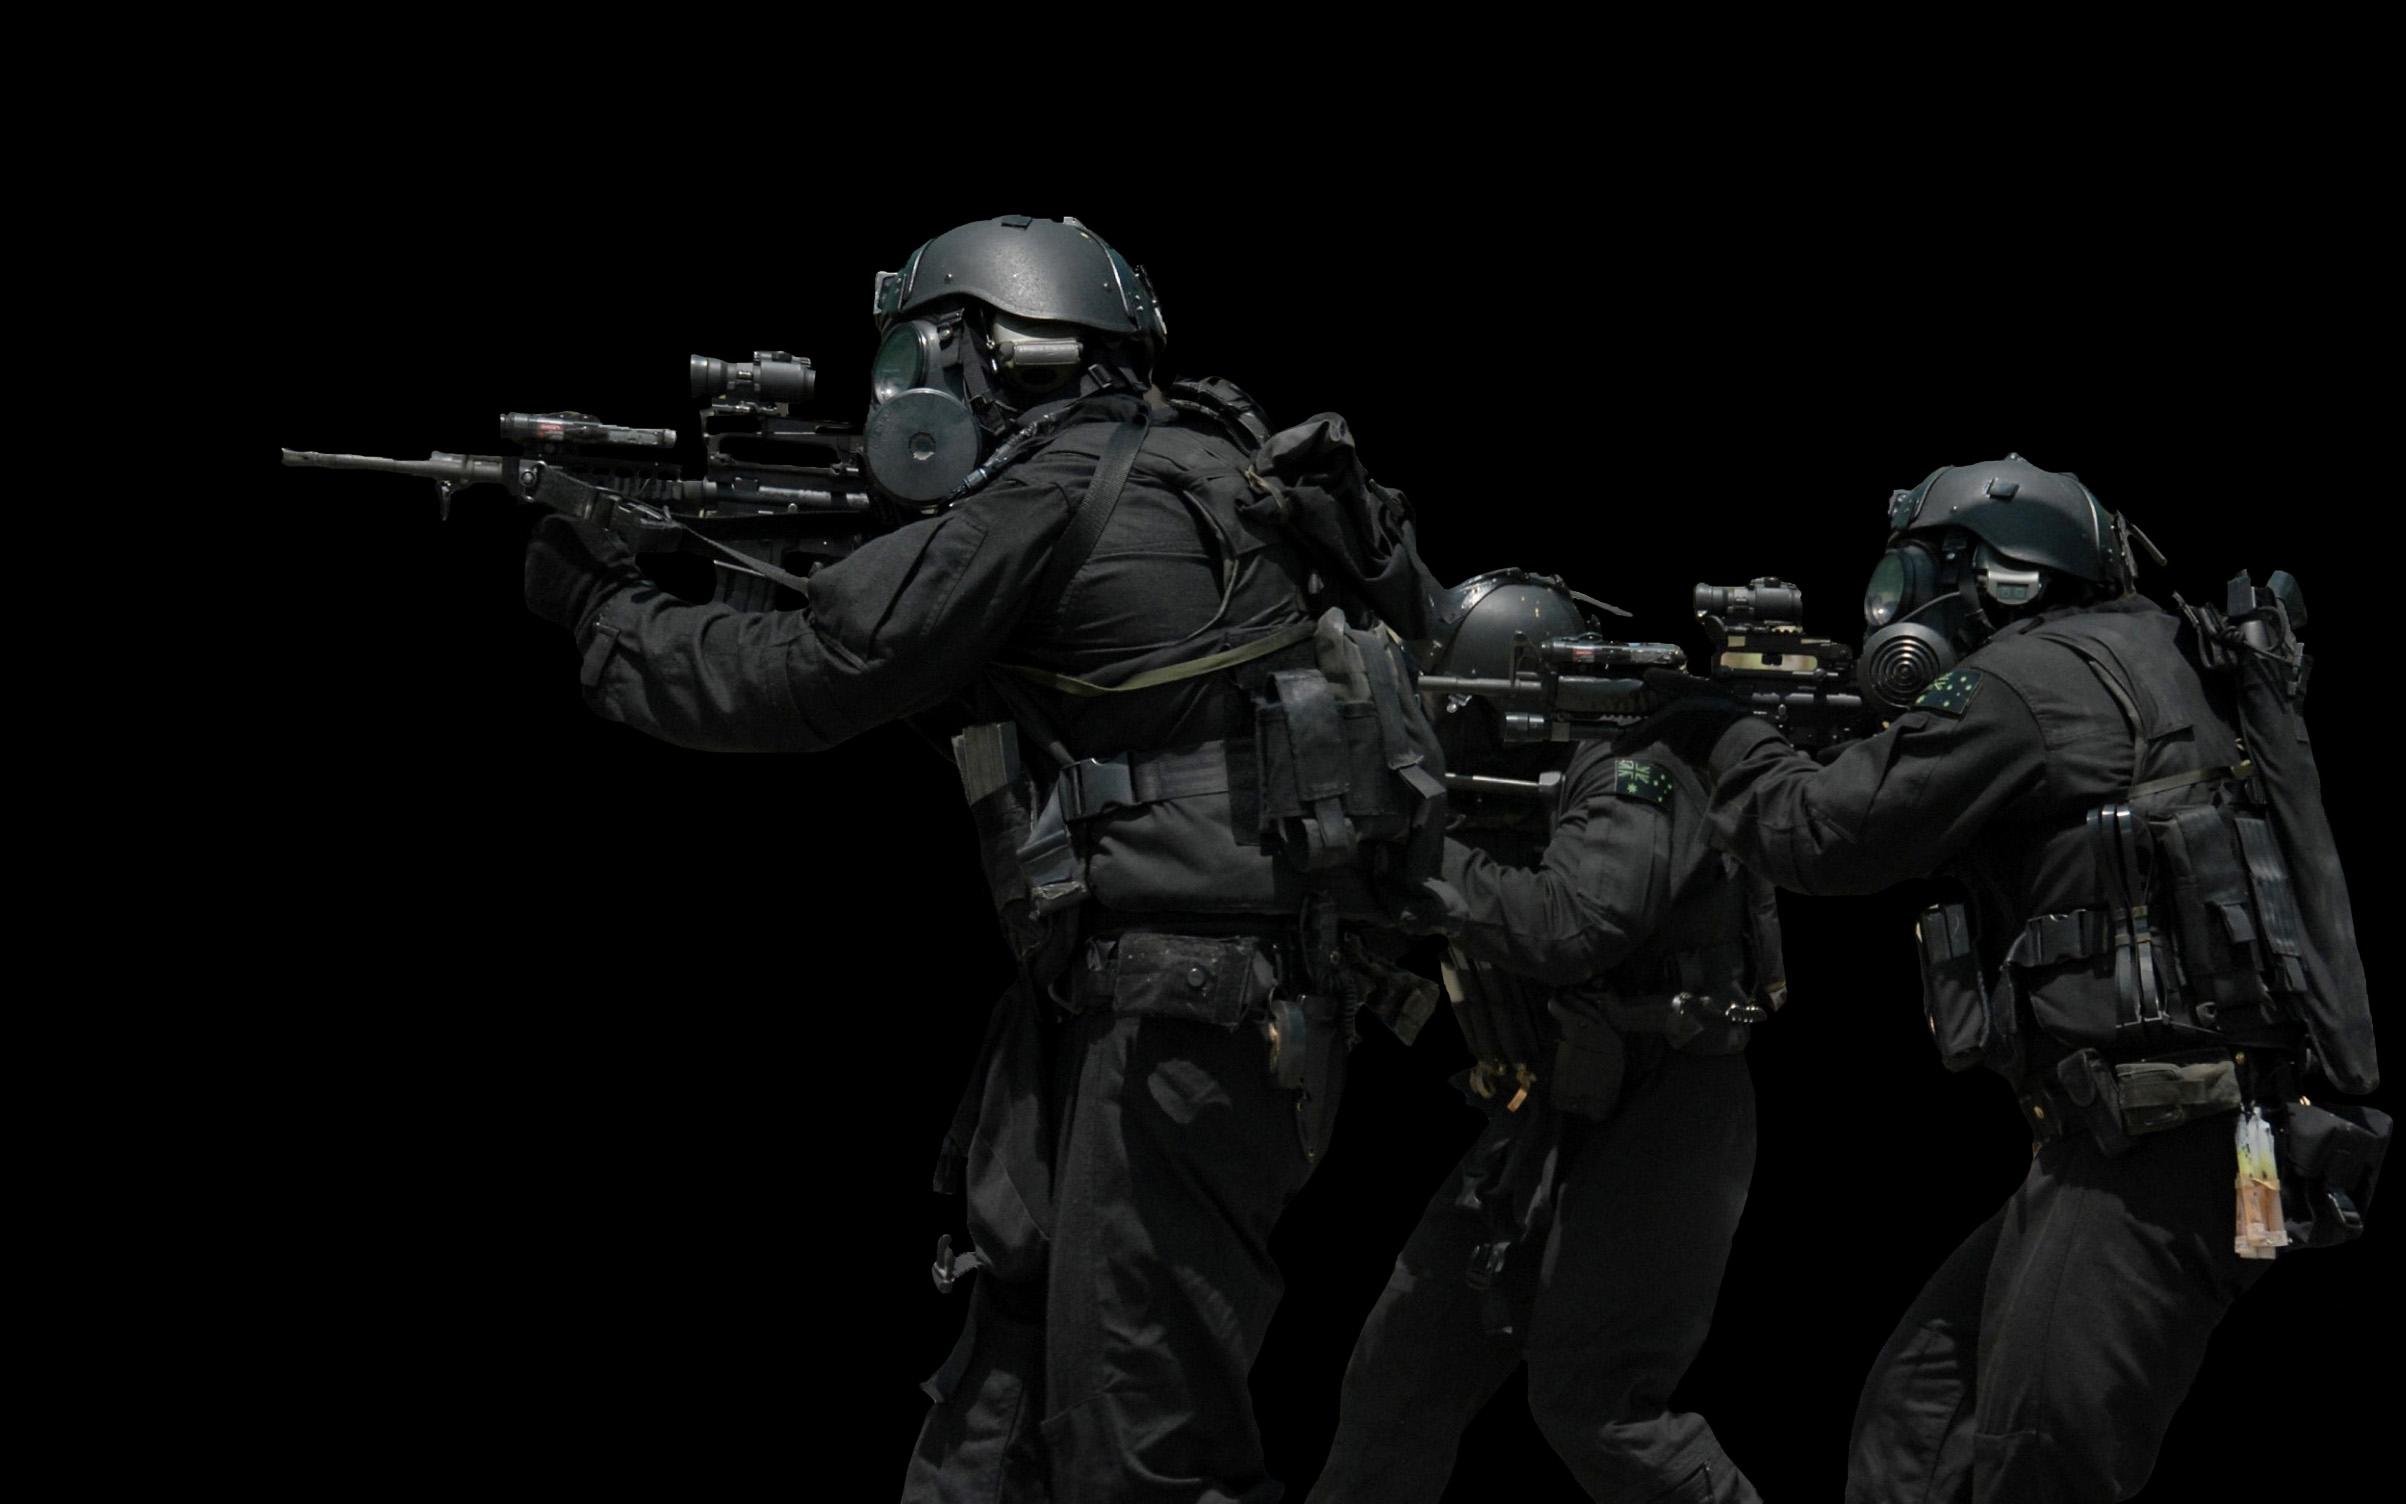 wallpaper Swat wallpaper wallpapers for desktop SWAT police 2406x1504